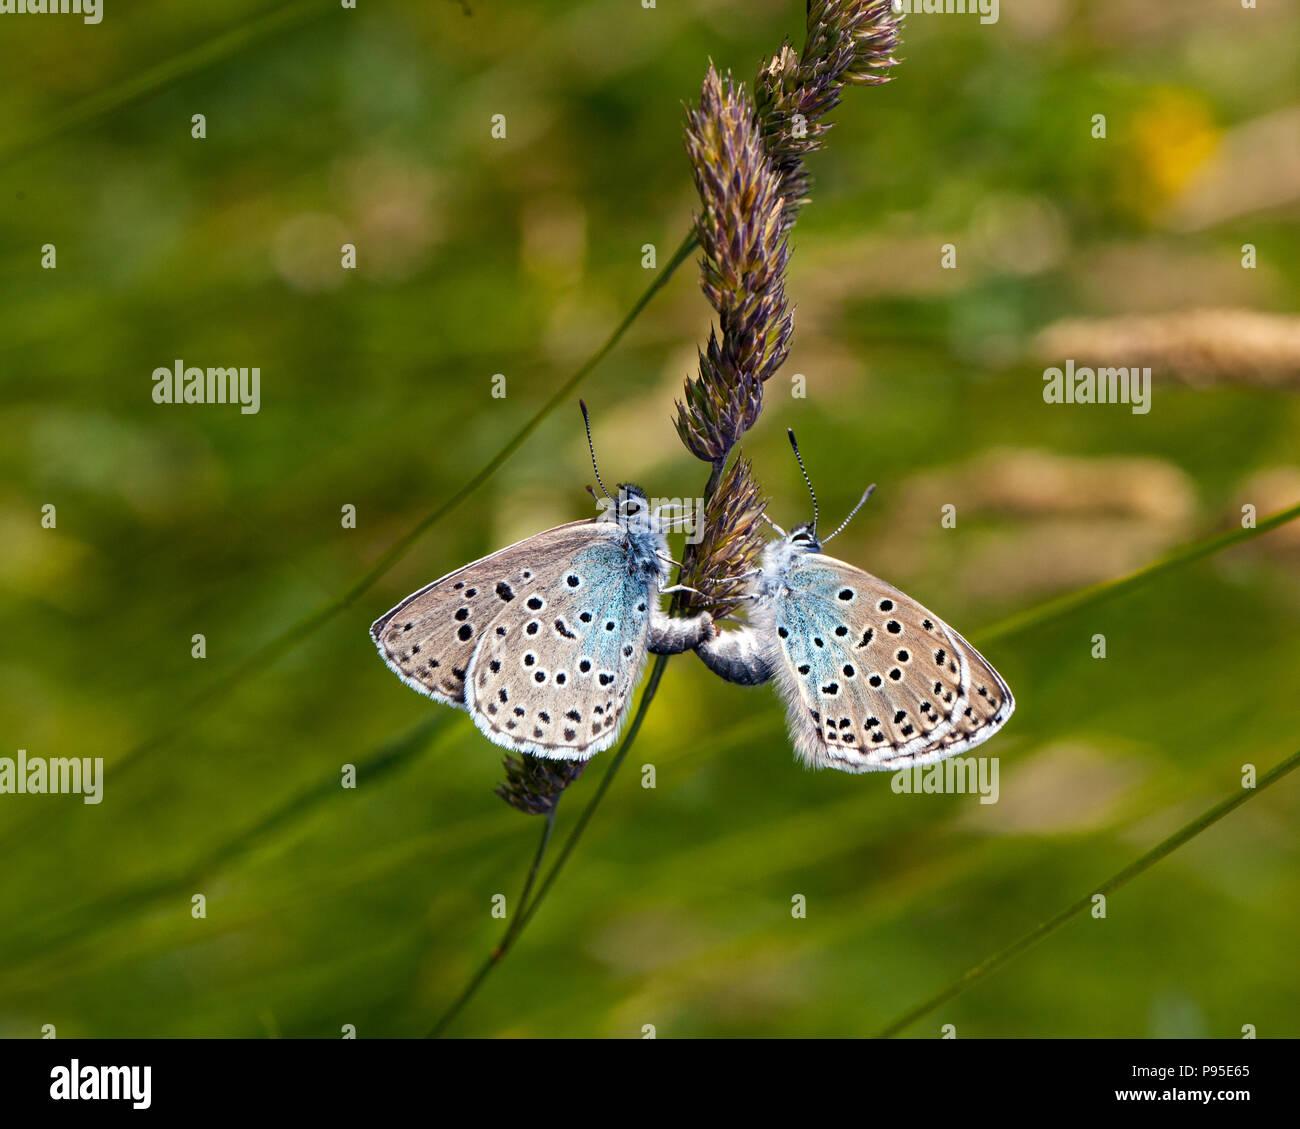 Paire de grands papillons Maculinea arion bleu sur Collard Hill Somerset après sa réintroduction réussie dans les années 80, après l'extinction en 1979 Photo Stock